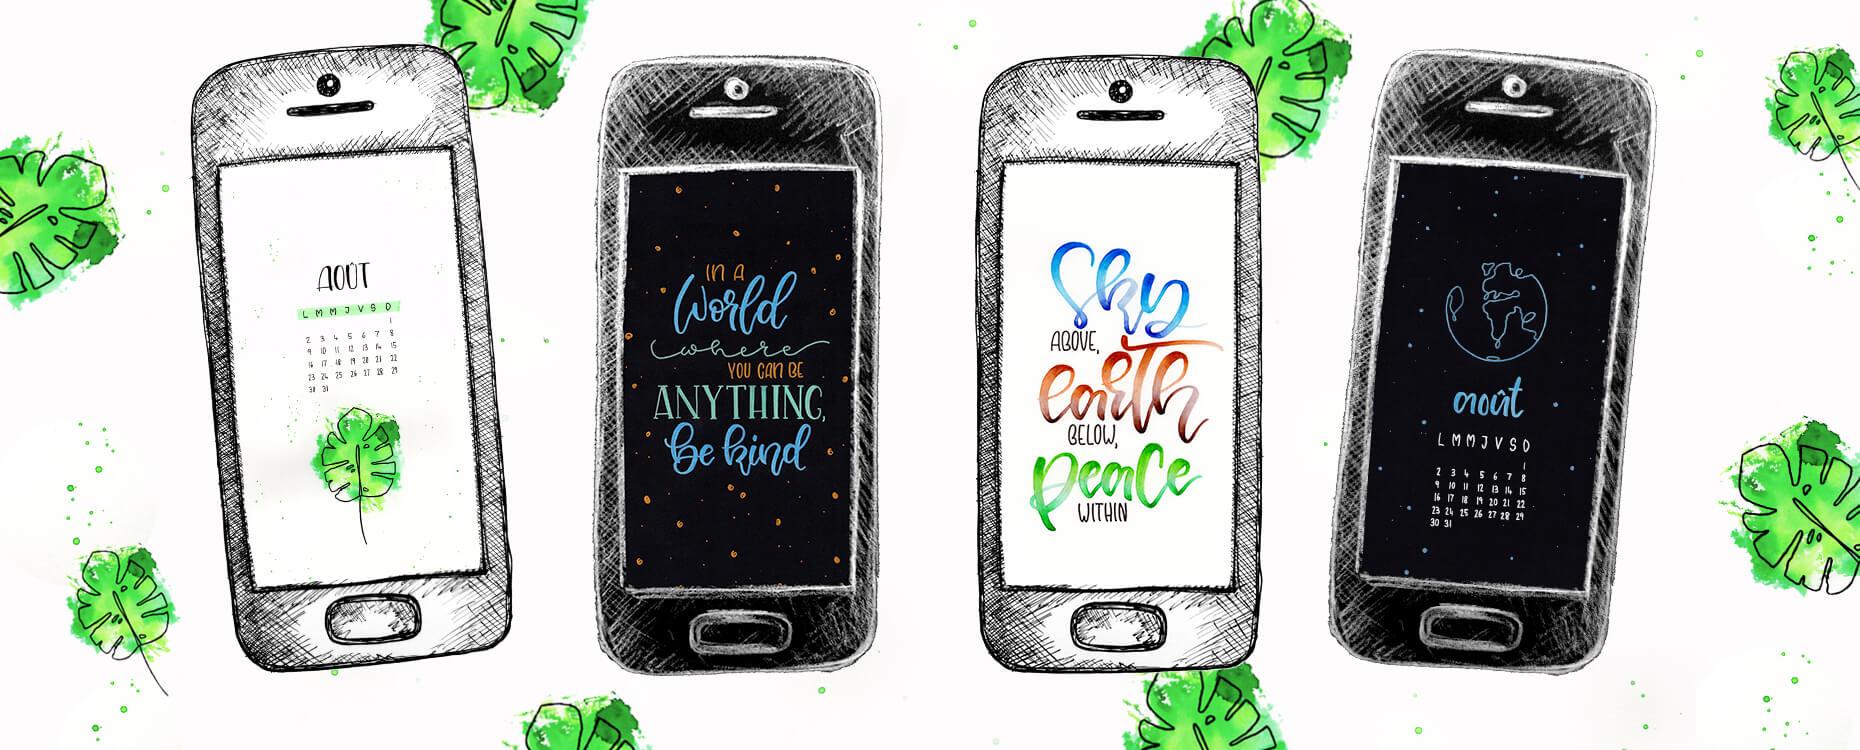 STABILO Smartphone Wallpaper Download